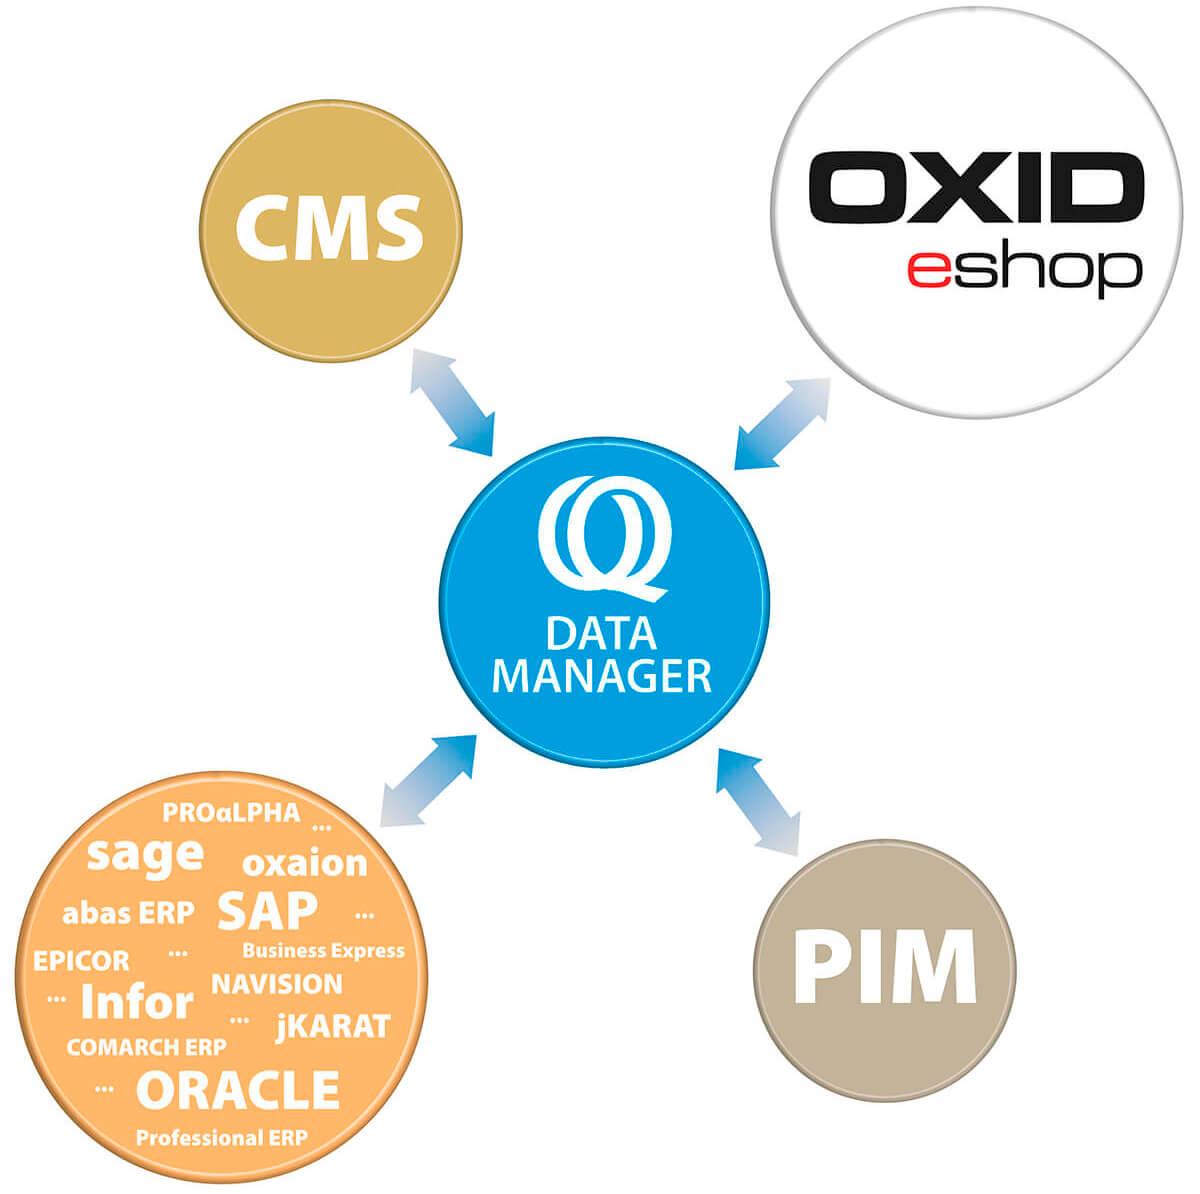 Ontraq Data Manager im Zusammenspiel mit Shop, CMS, ERP und PIM